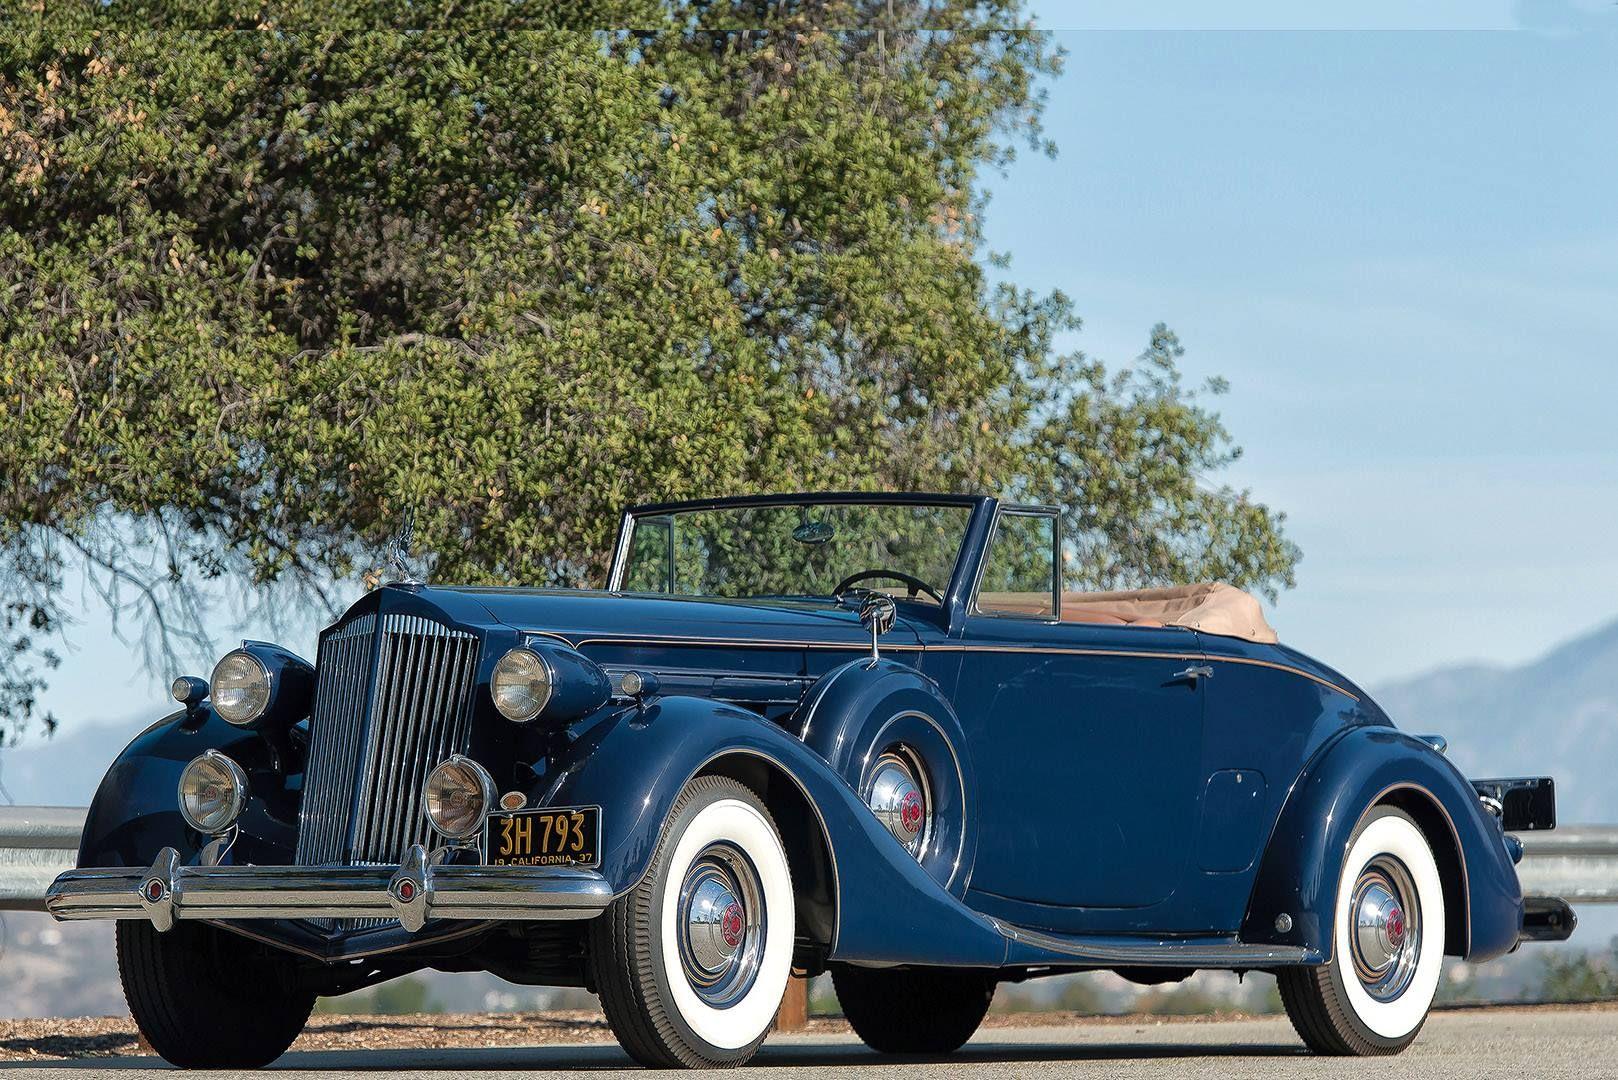 1937 Packard Twelve Coupe Roadster Series 1507 Packard Roadsters Packard Cars